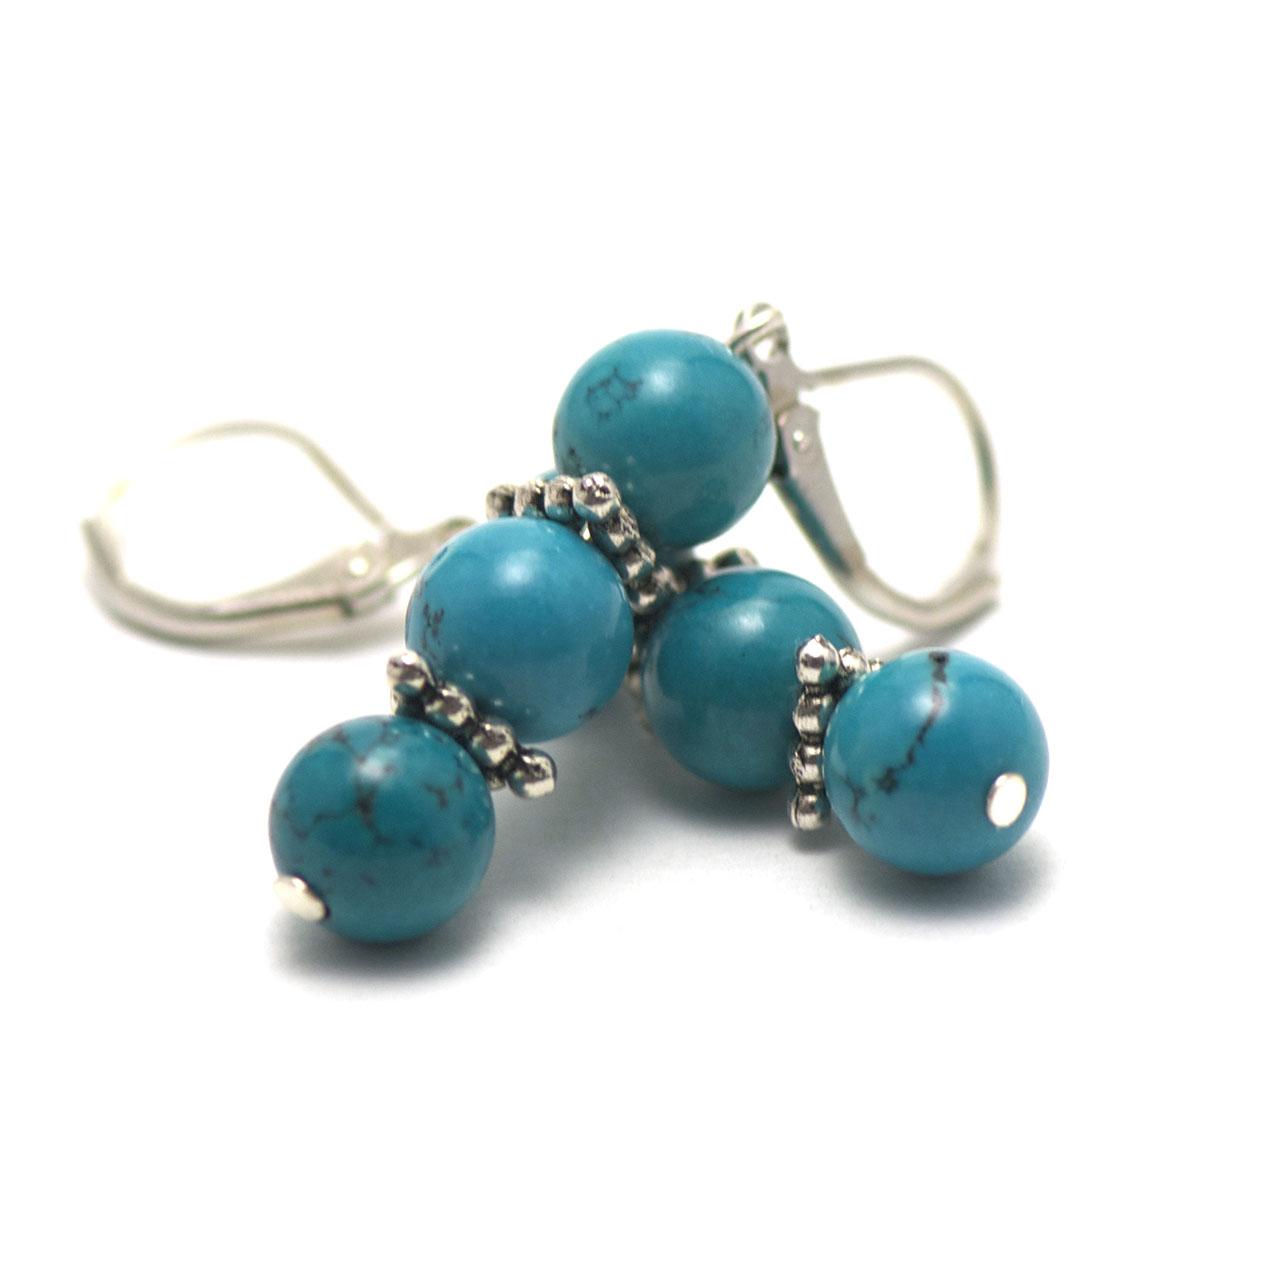 boucle d\'oreille turquoise triple perles rondes - perles argentées